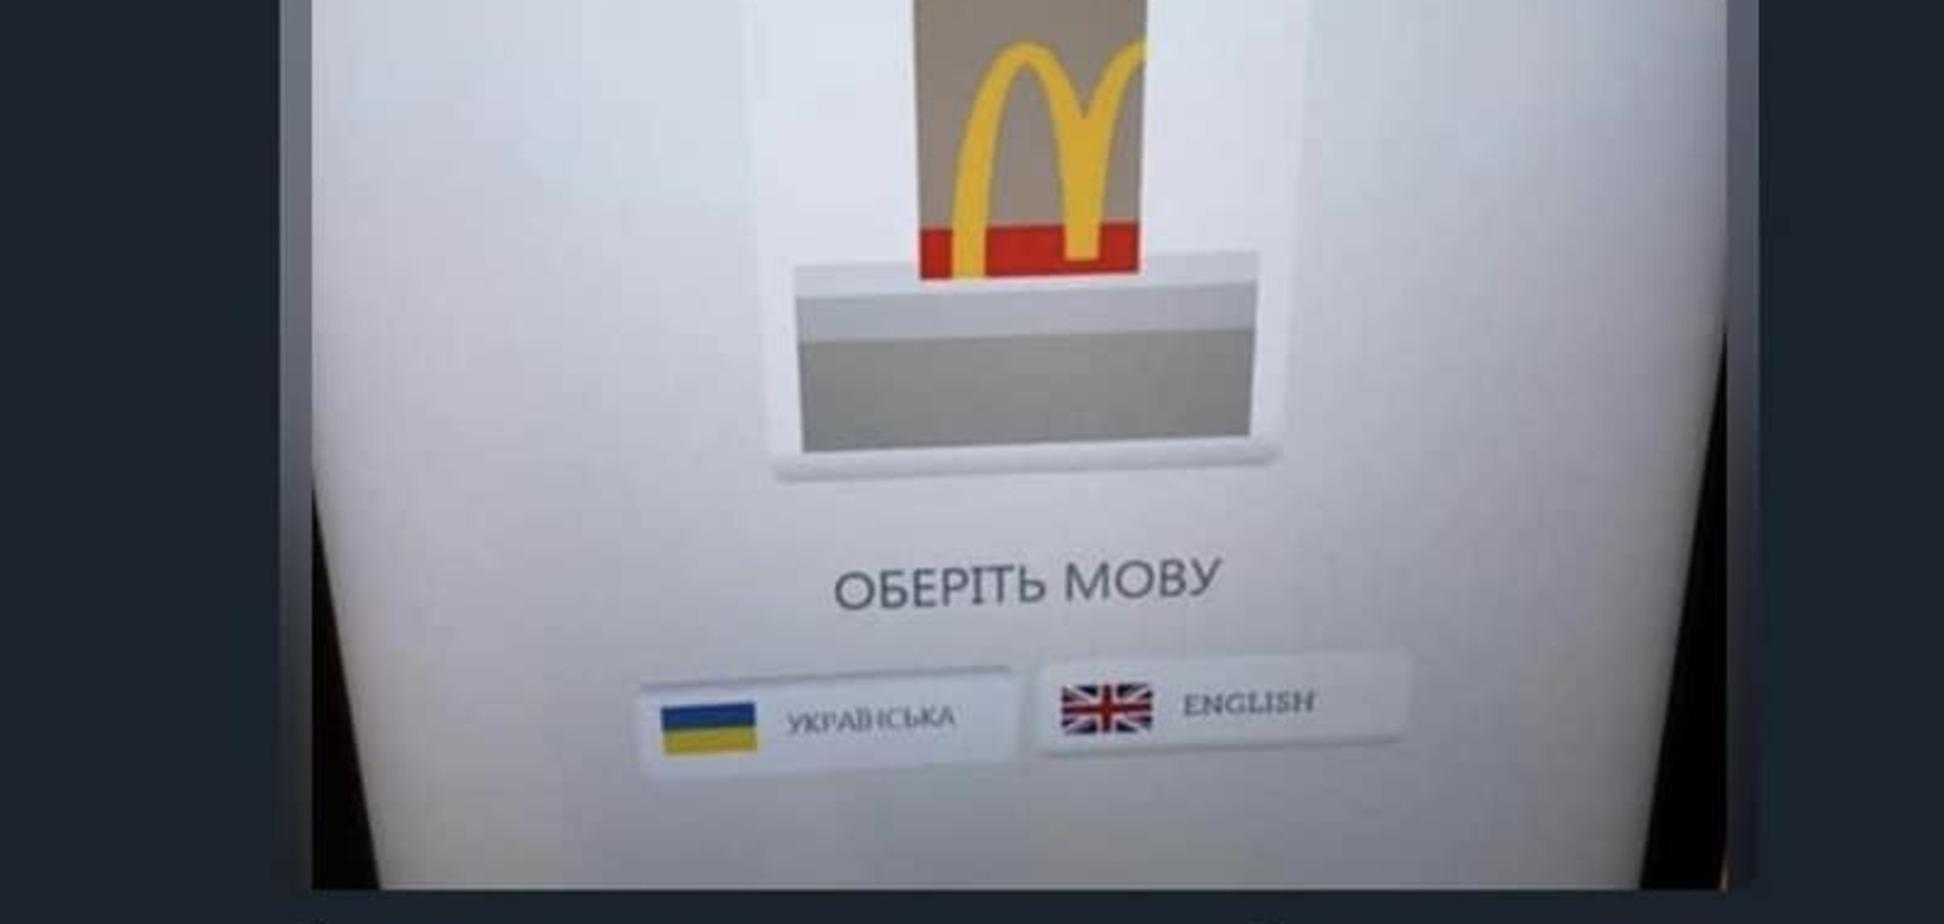 У мережі розгорівся новий мовний скандал через McDonald's: українці відреагували